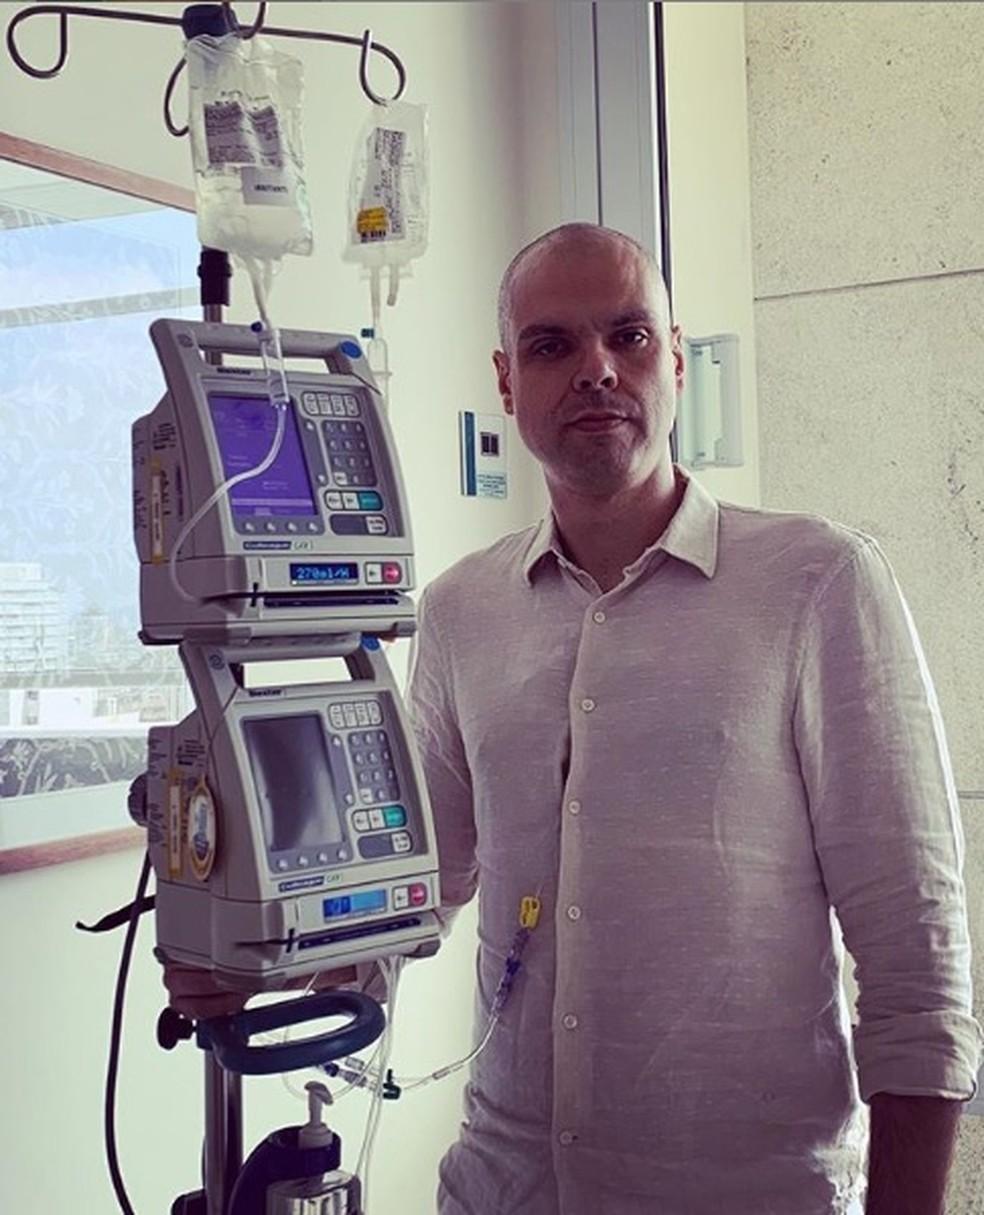 Bruno Covas enquanto realiza a terceira sessão de quimioterapia. Foto: Redes Sociais/Bruno Covas.